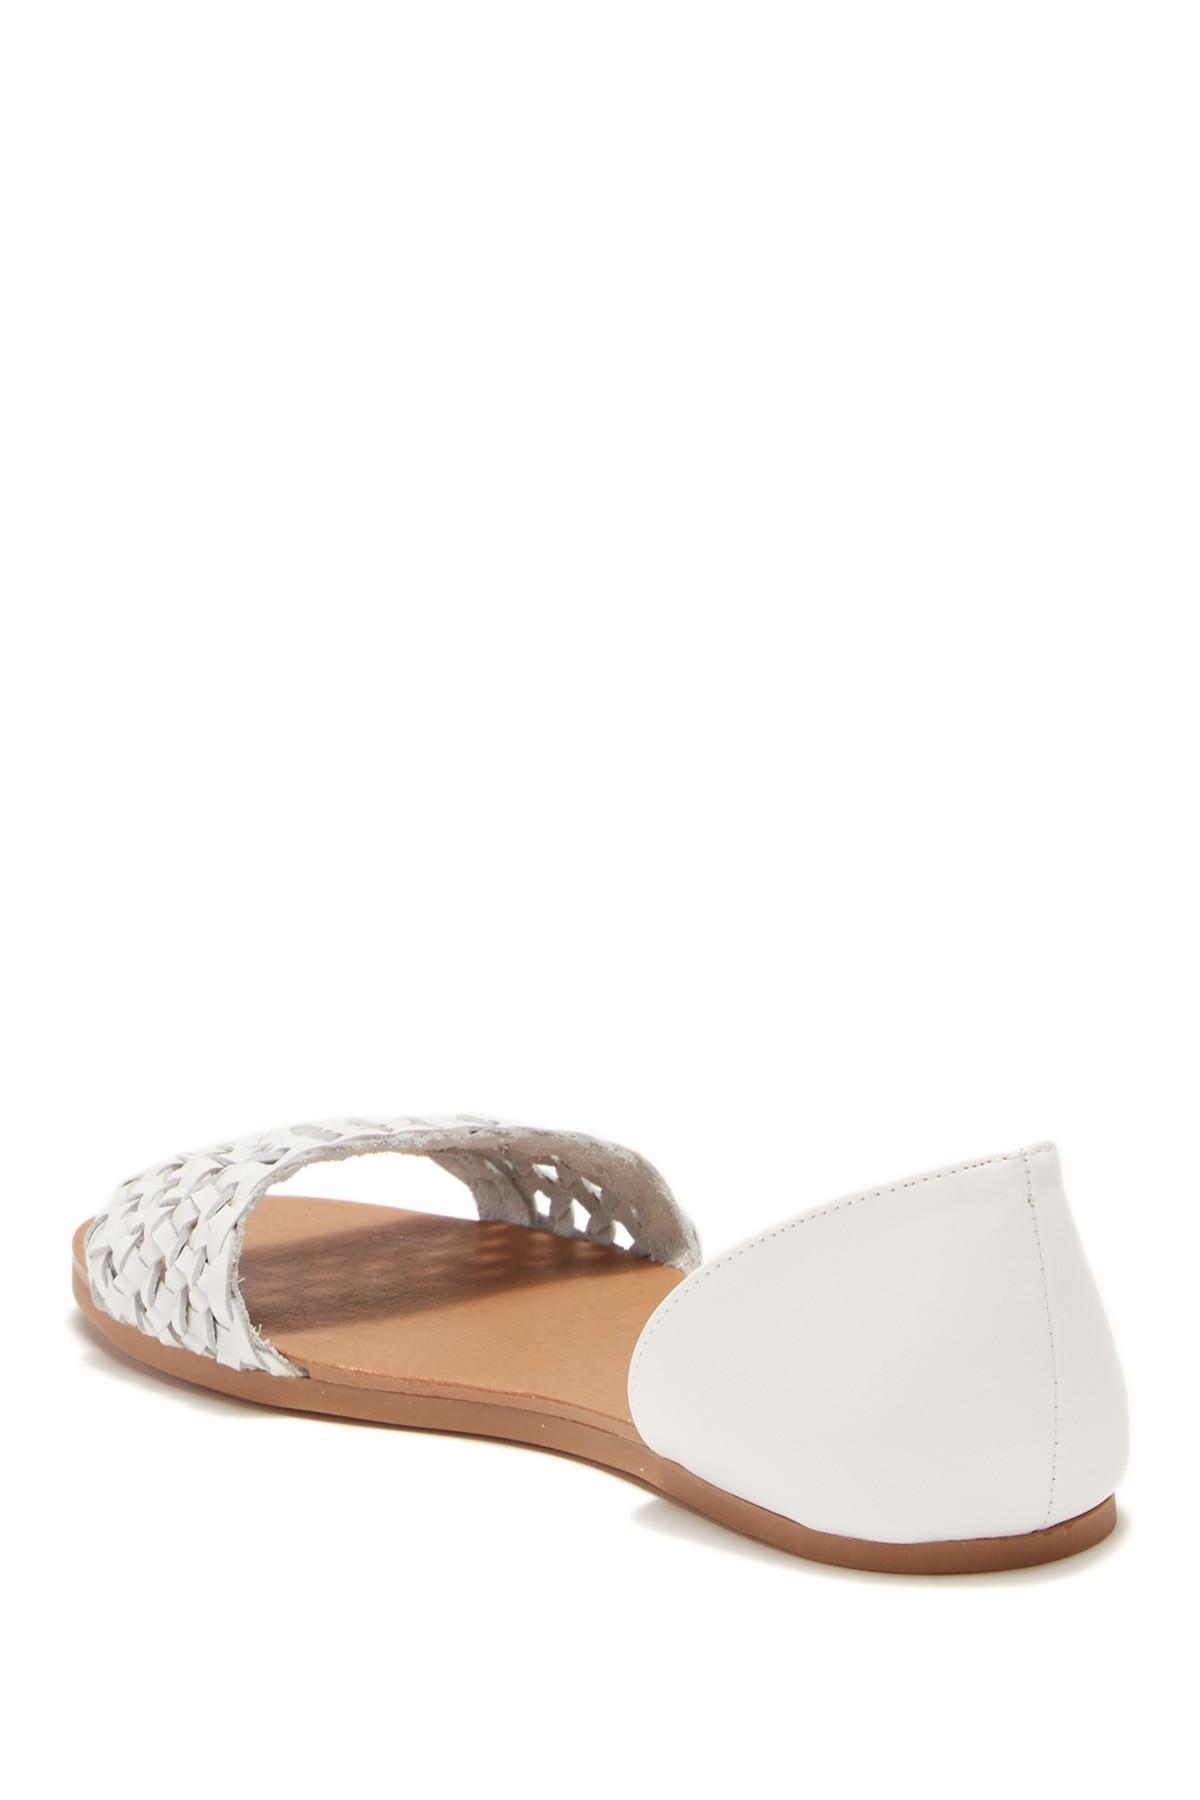 1f7b4b11746 Steve Madden - White Tess Leather Sandal - Lyst. View fullscreen